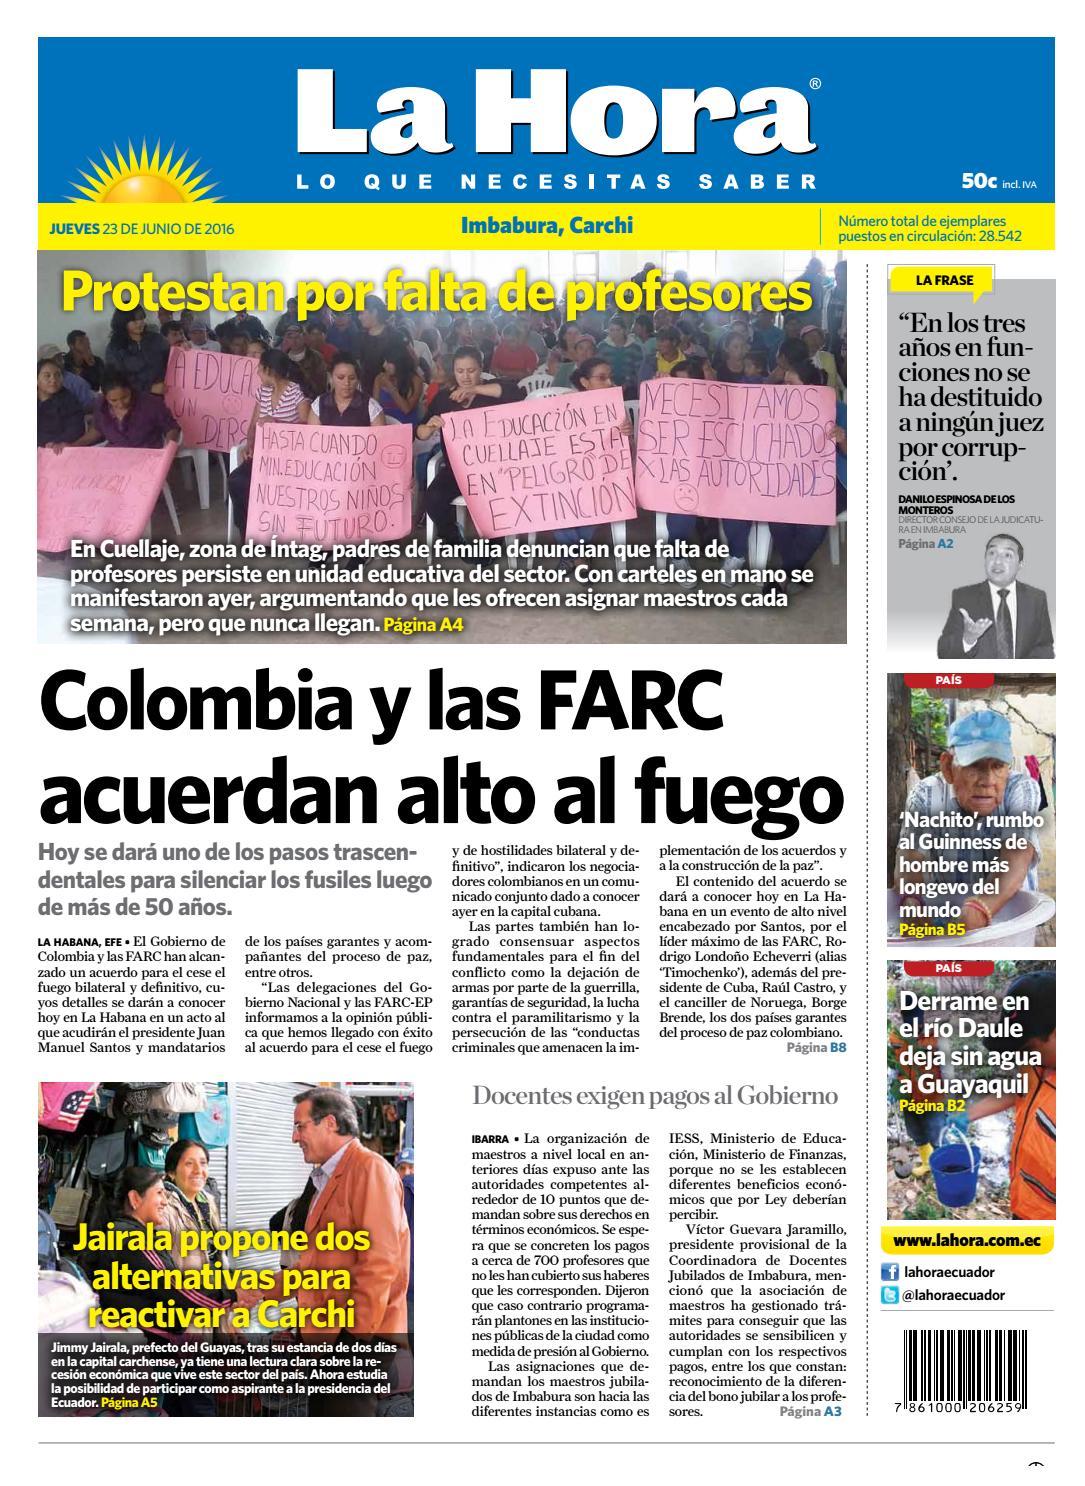 Niño de parbulo chica preparatoria porno Imbabura Carchi 23 De Junio 2016 By La Hora Ecuador Issuu